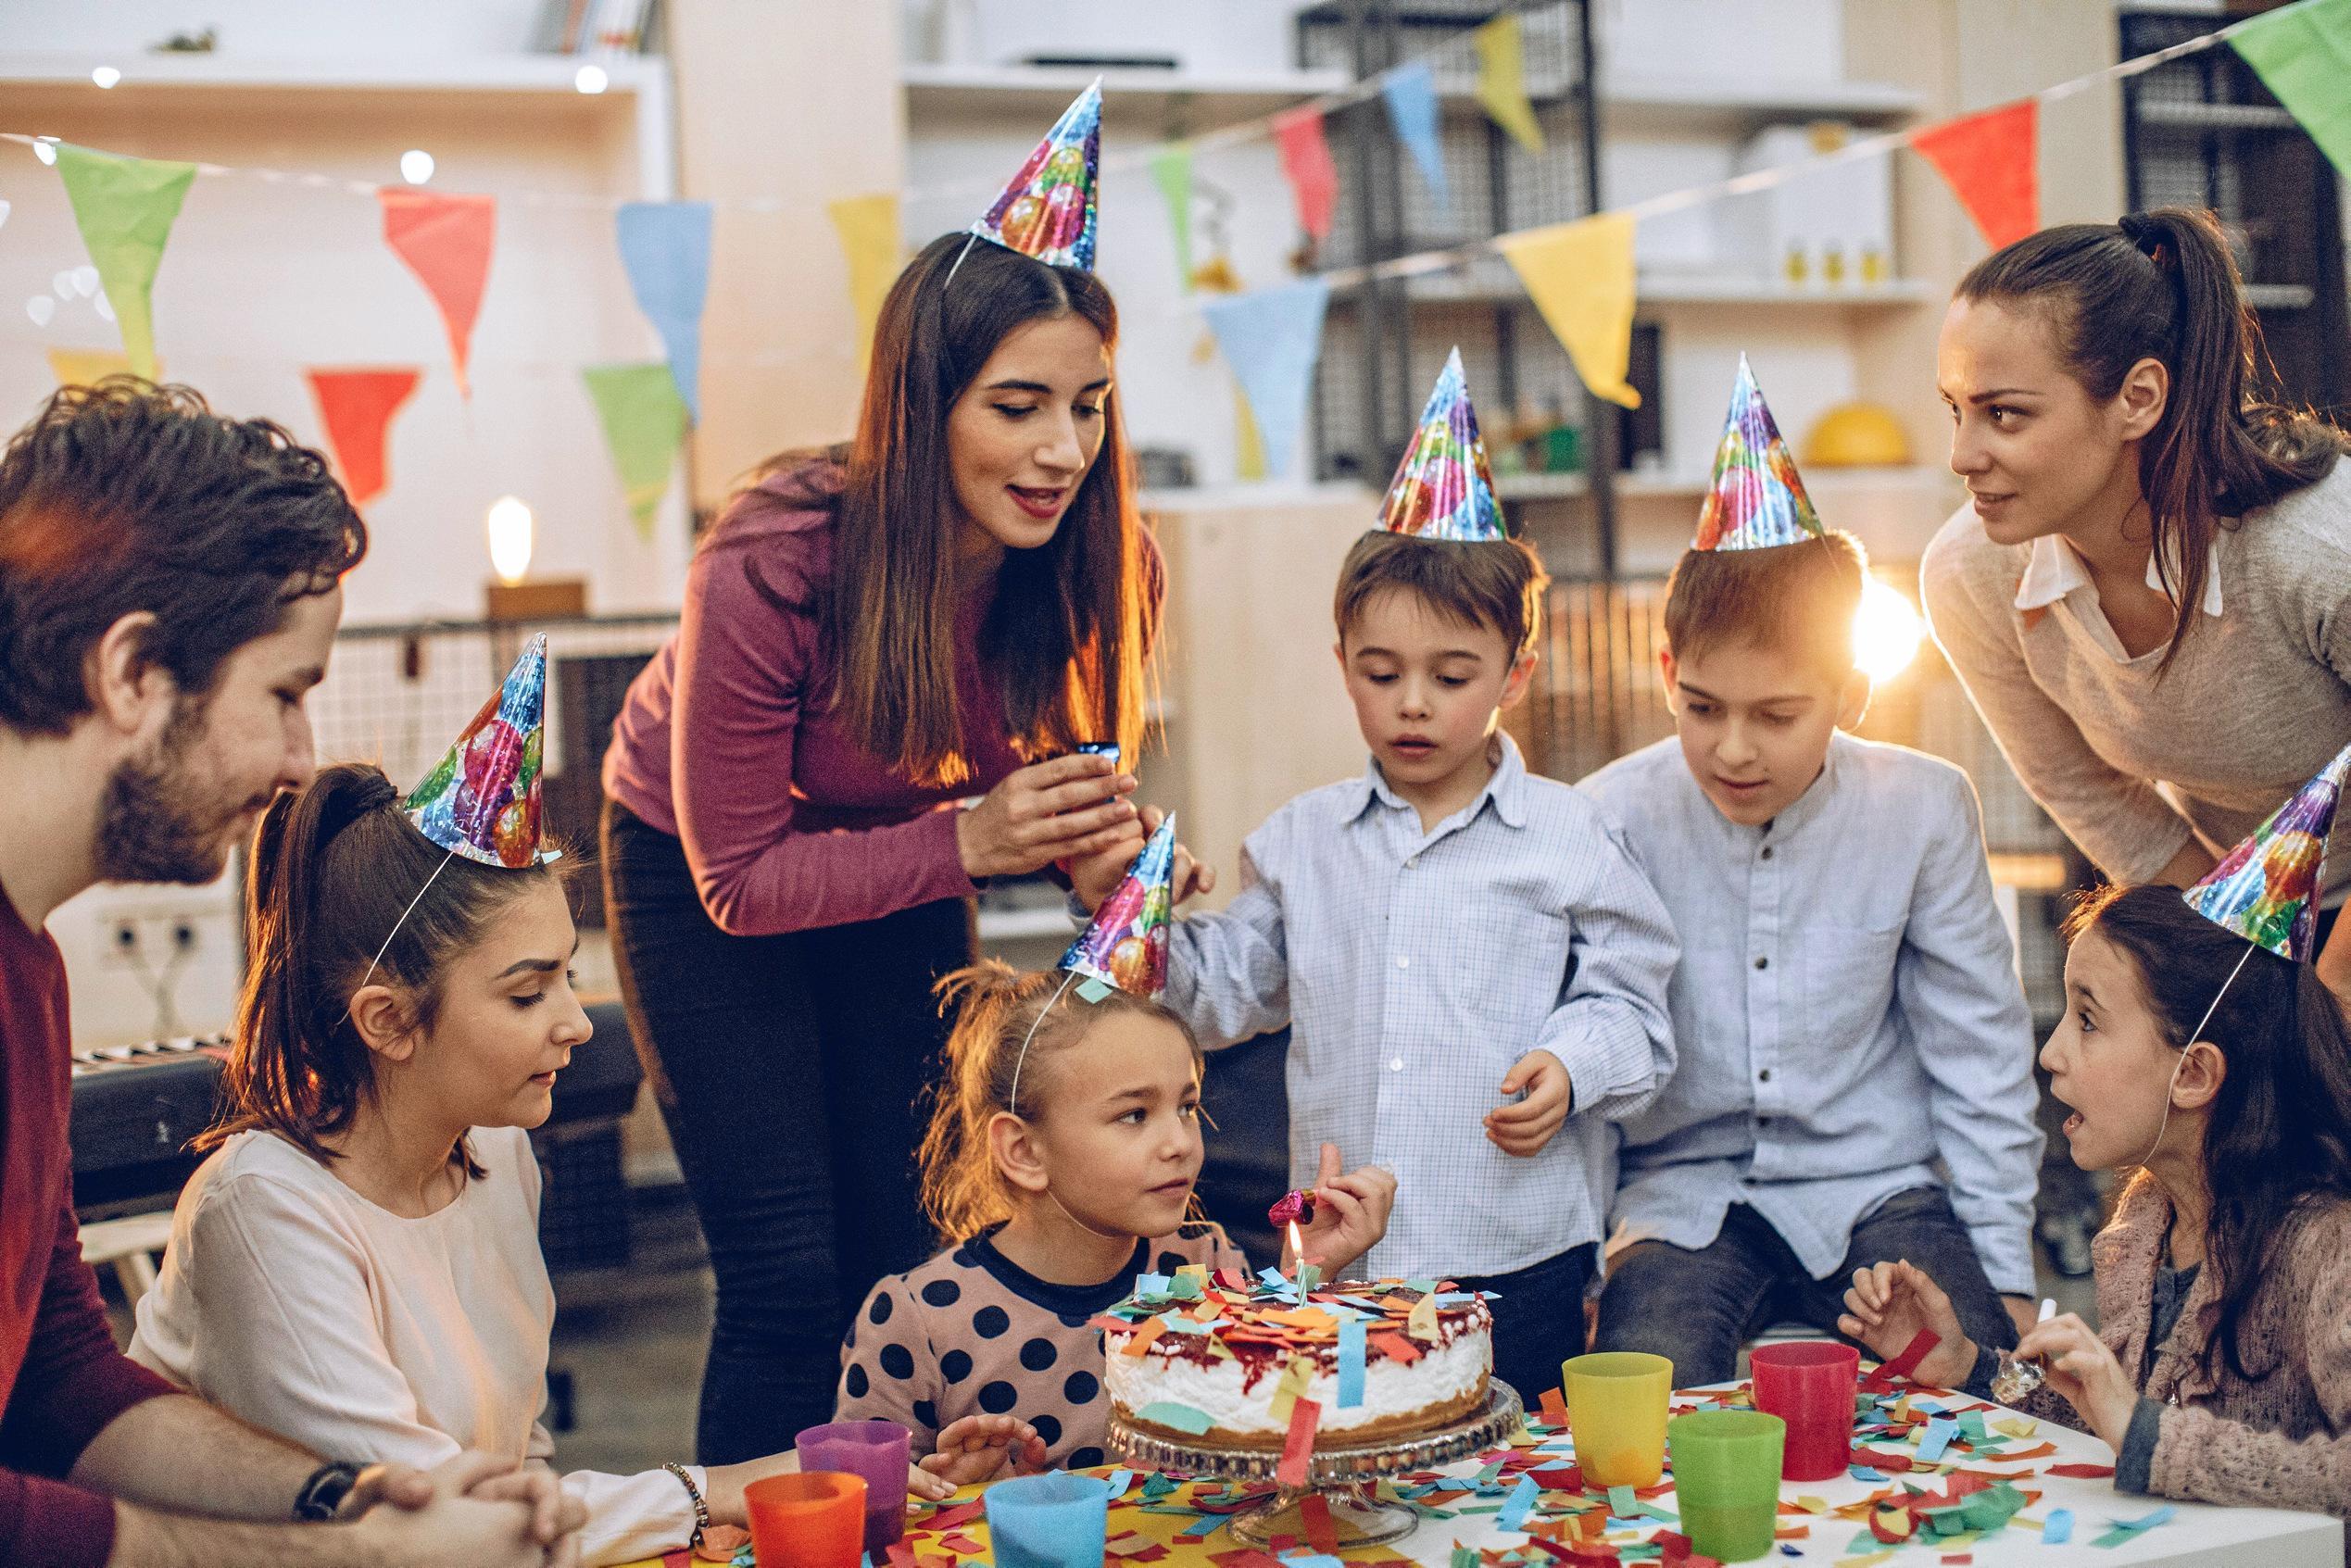 может ли няня помочь с организацией детского праздника